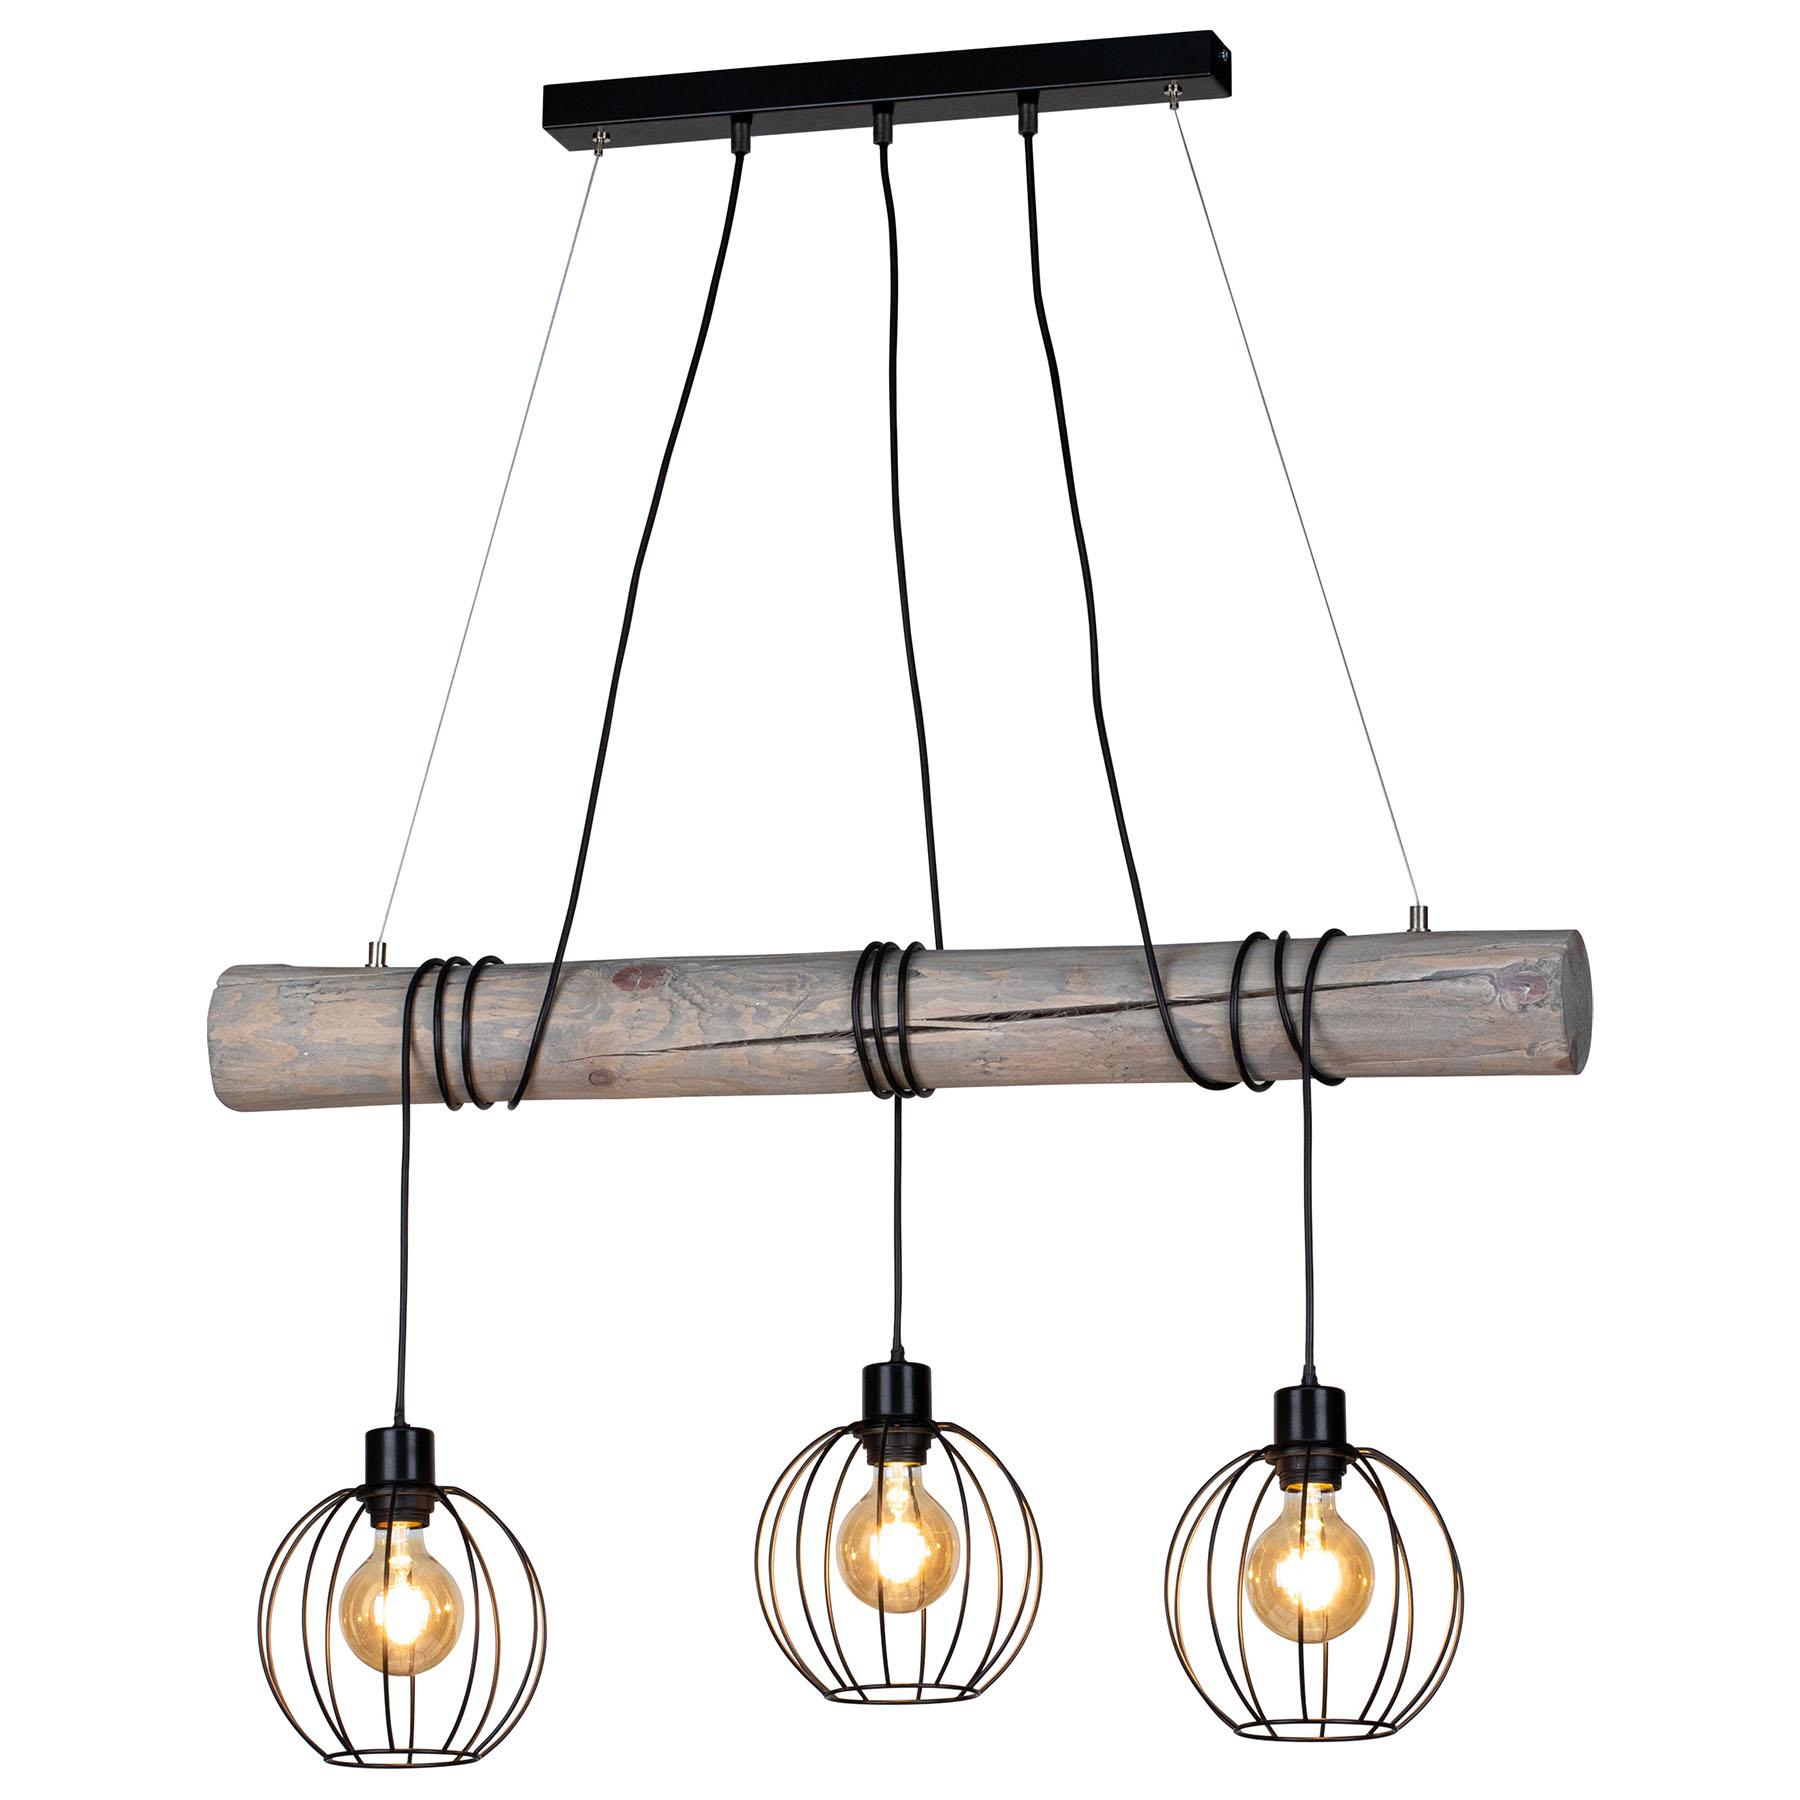 Lampa wisząca Karou, 3-pkt., szara bejcowana